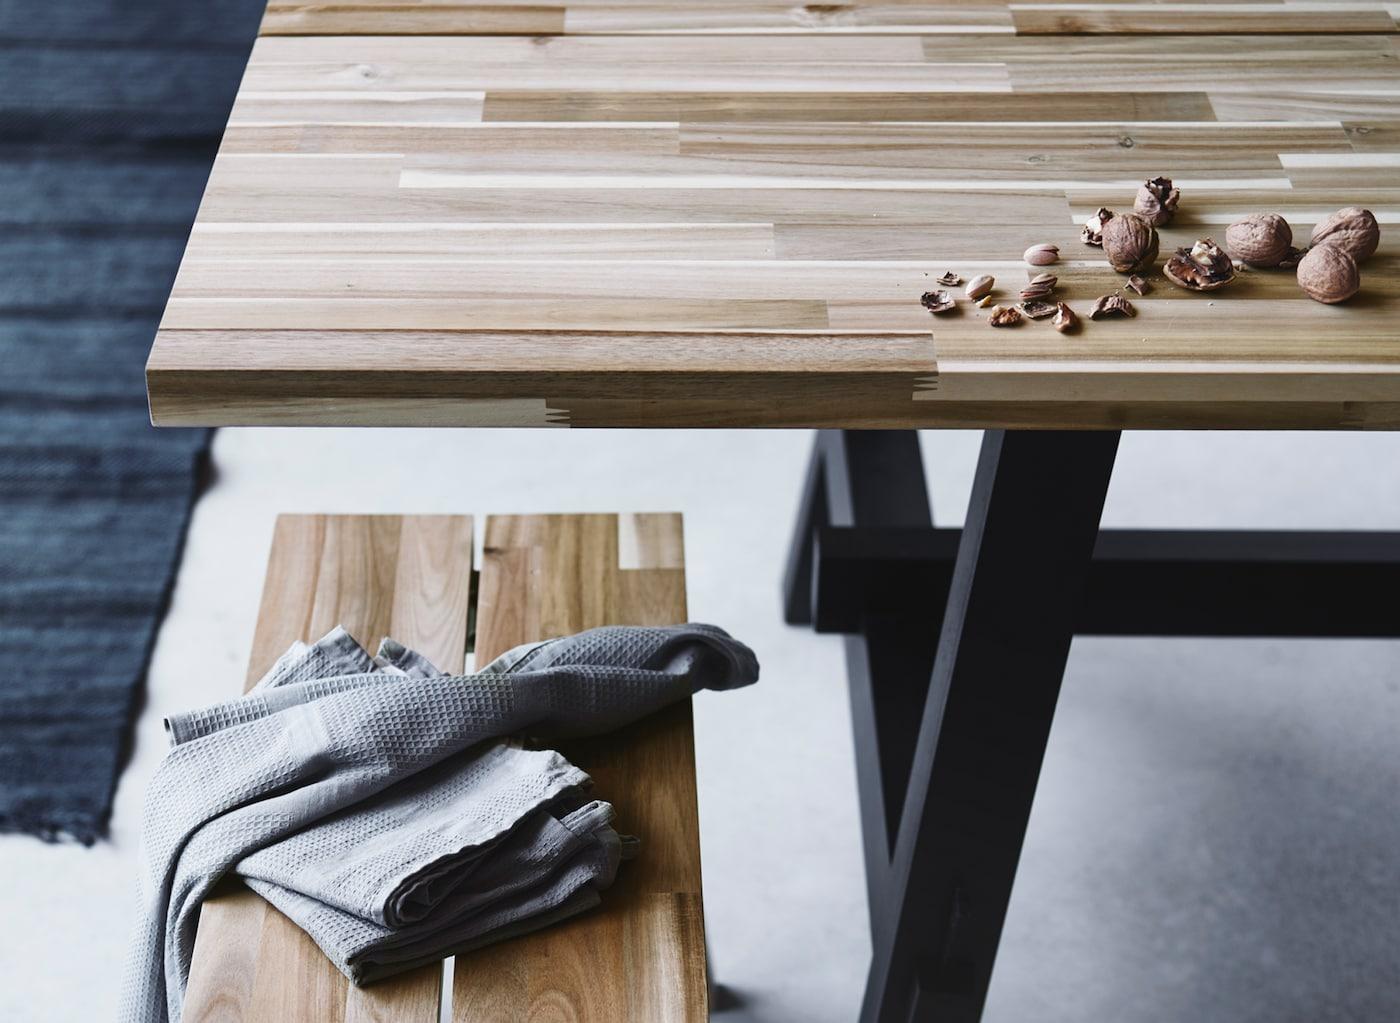 Prostokątny stół i ławka do jadalni SKOGSTA w stylu skandynawskim, wykonane z drewna o zróżnicowanej strukturze słojów i kolorystyce.